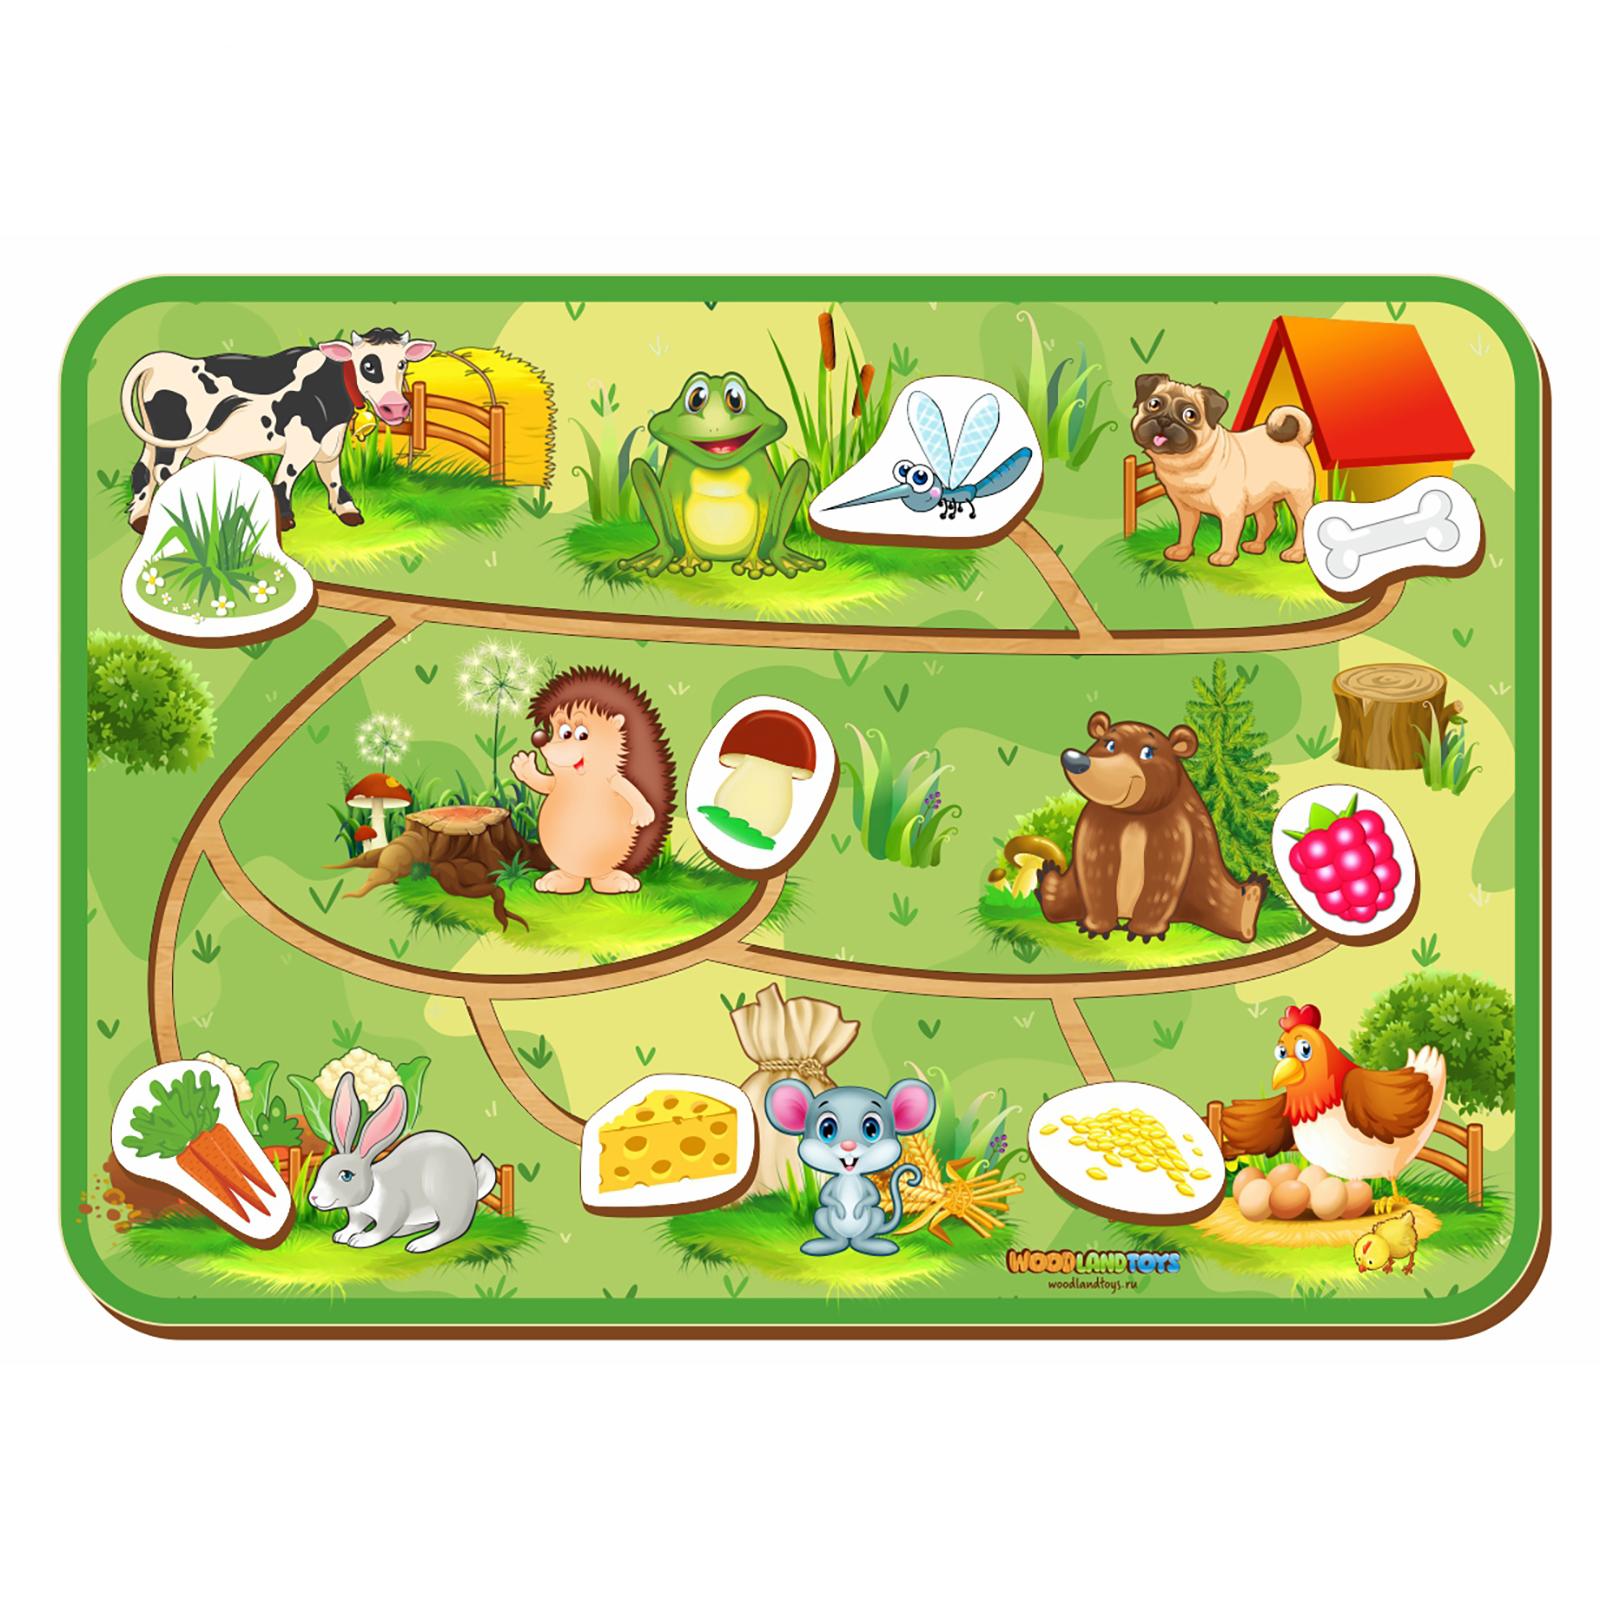 Купить Лабиринт - пара Животные 3, Сибирский сувенир, Деревянные лабиринты